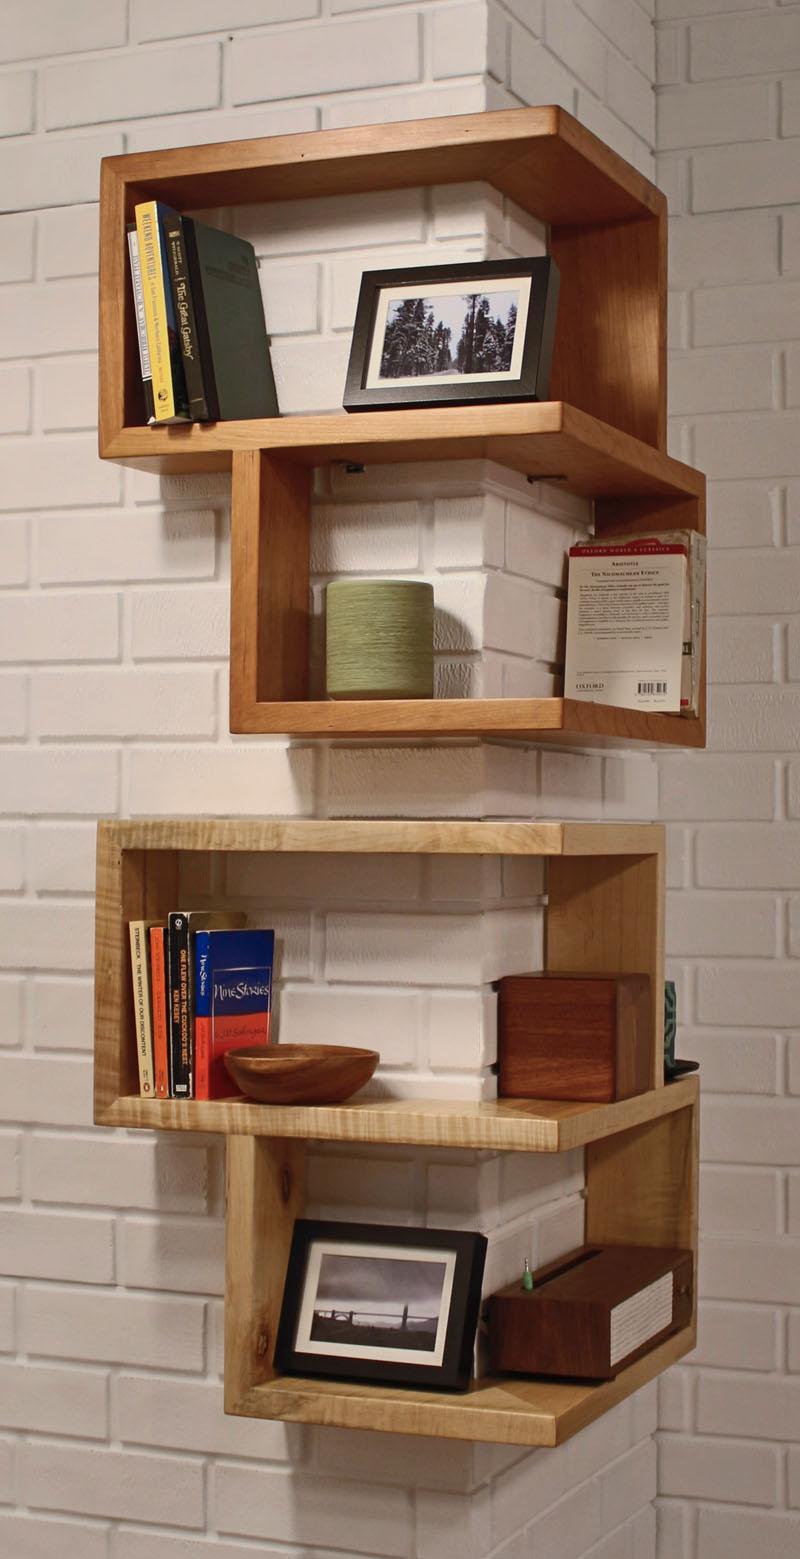 prateleiras-de-madeira-em-pares-formato-de-caixa